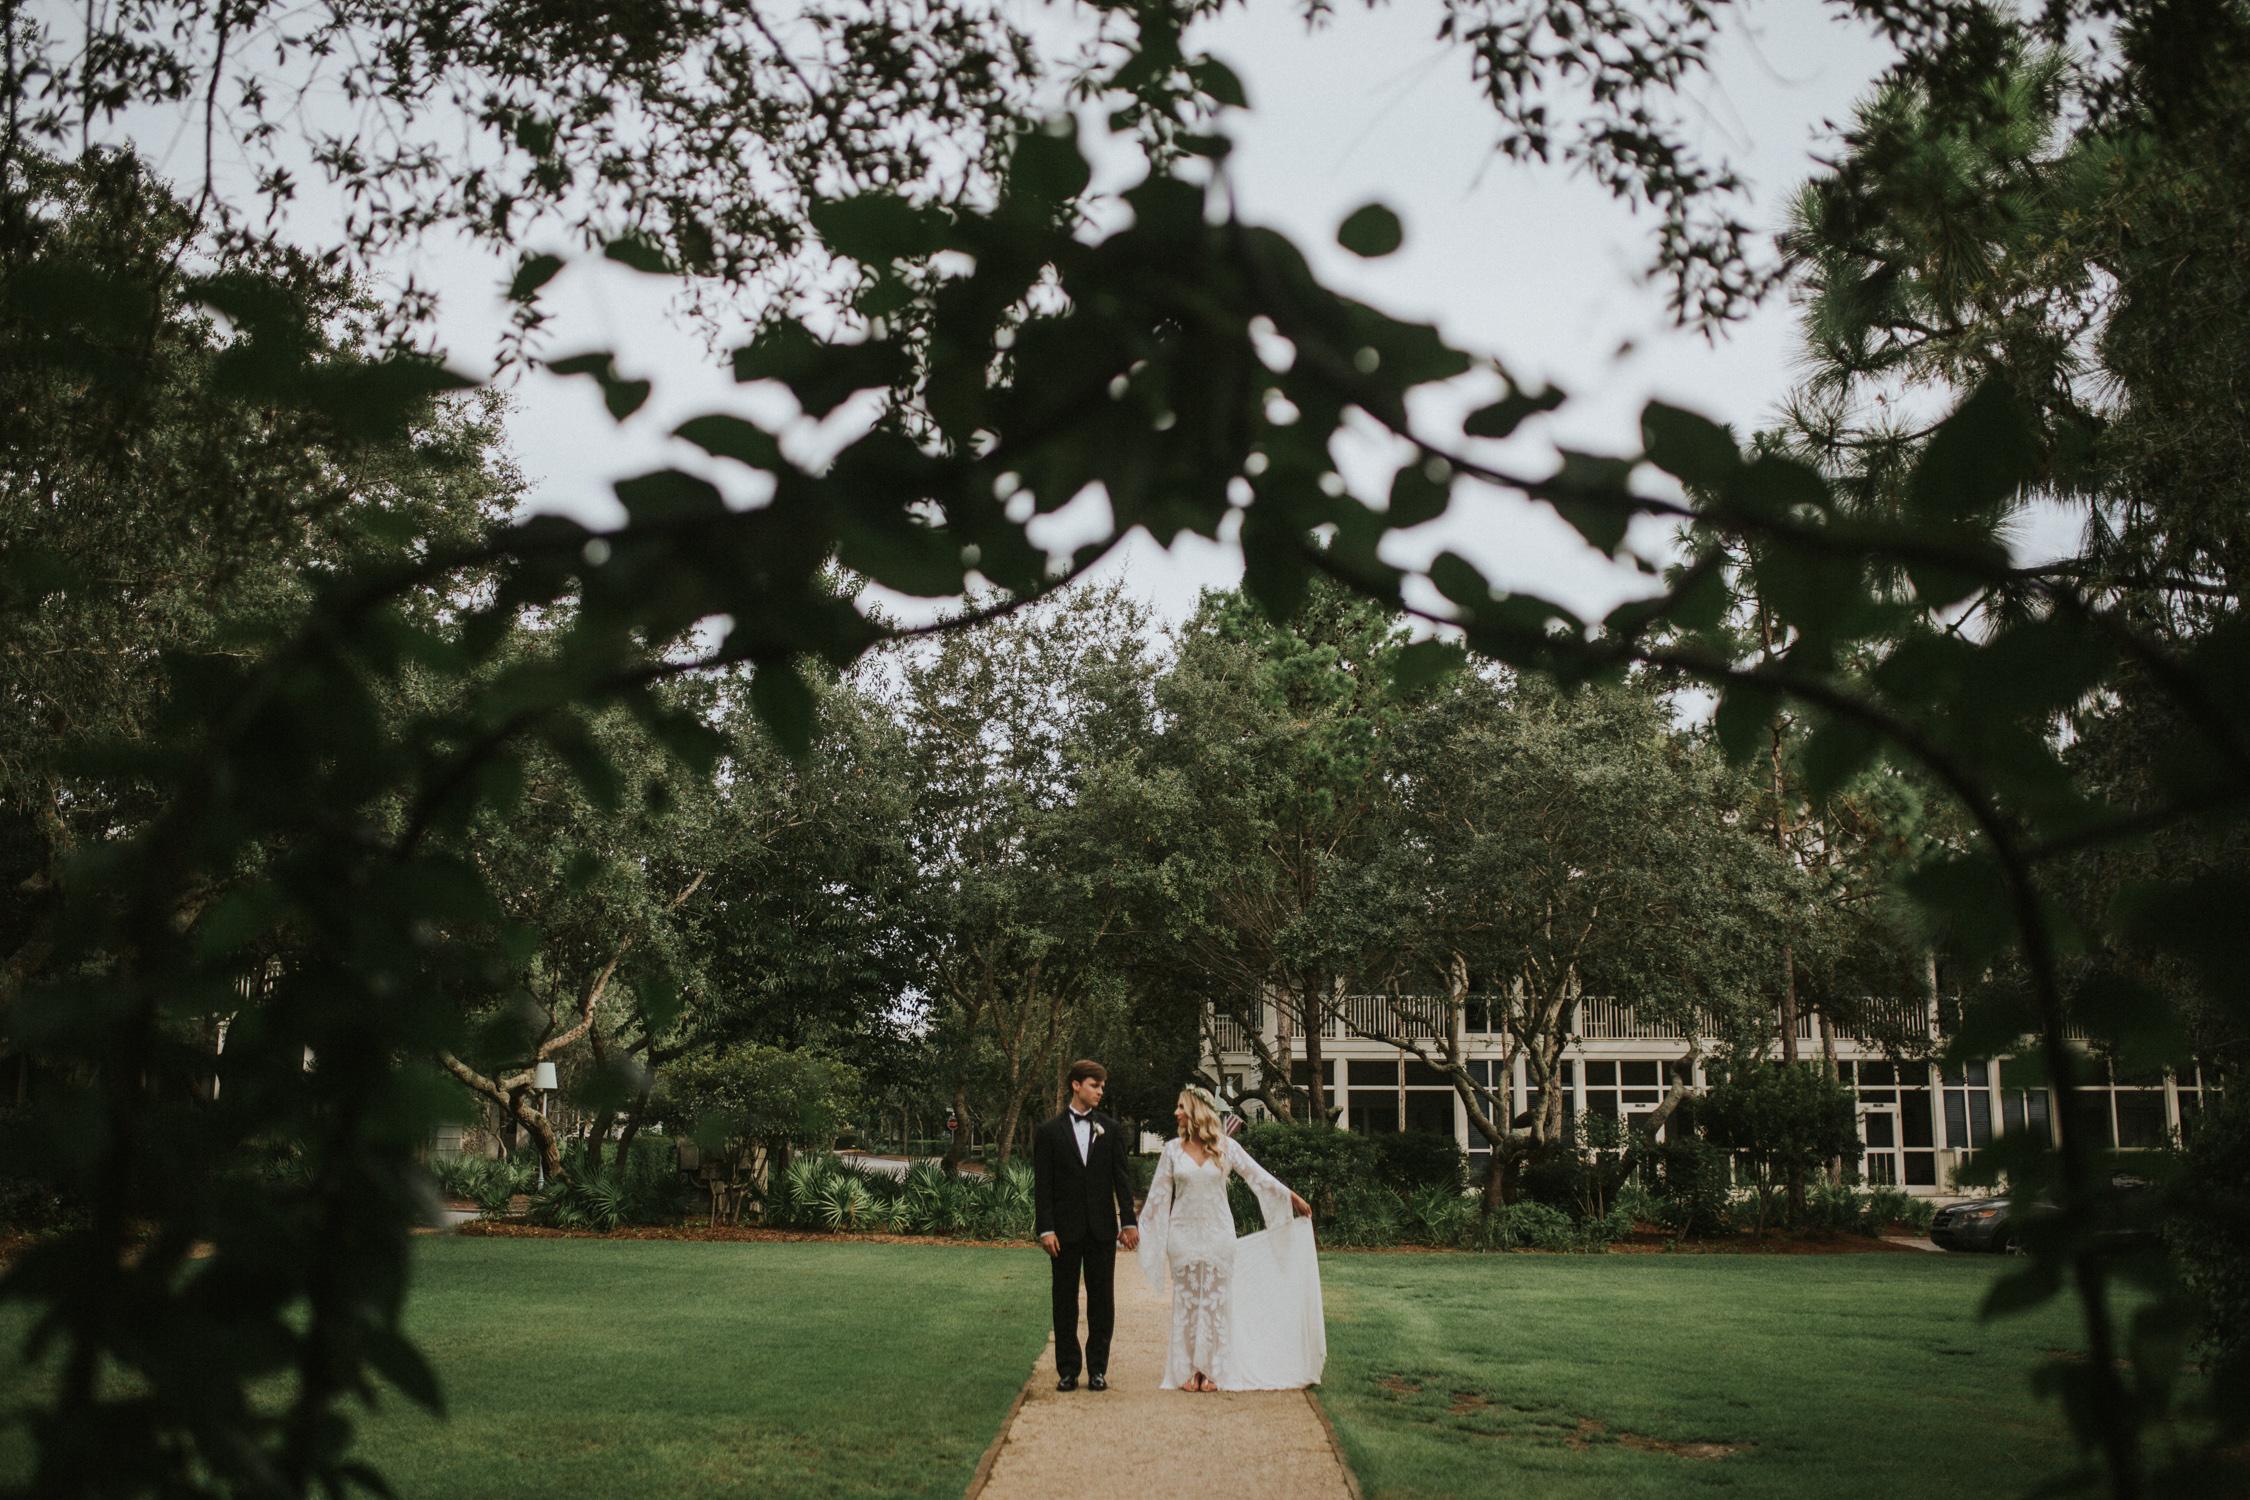 lovestoriesbyhalieandalec-morgan-and-cody-married-21.jpg